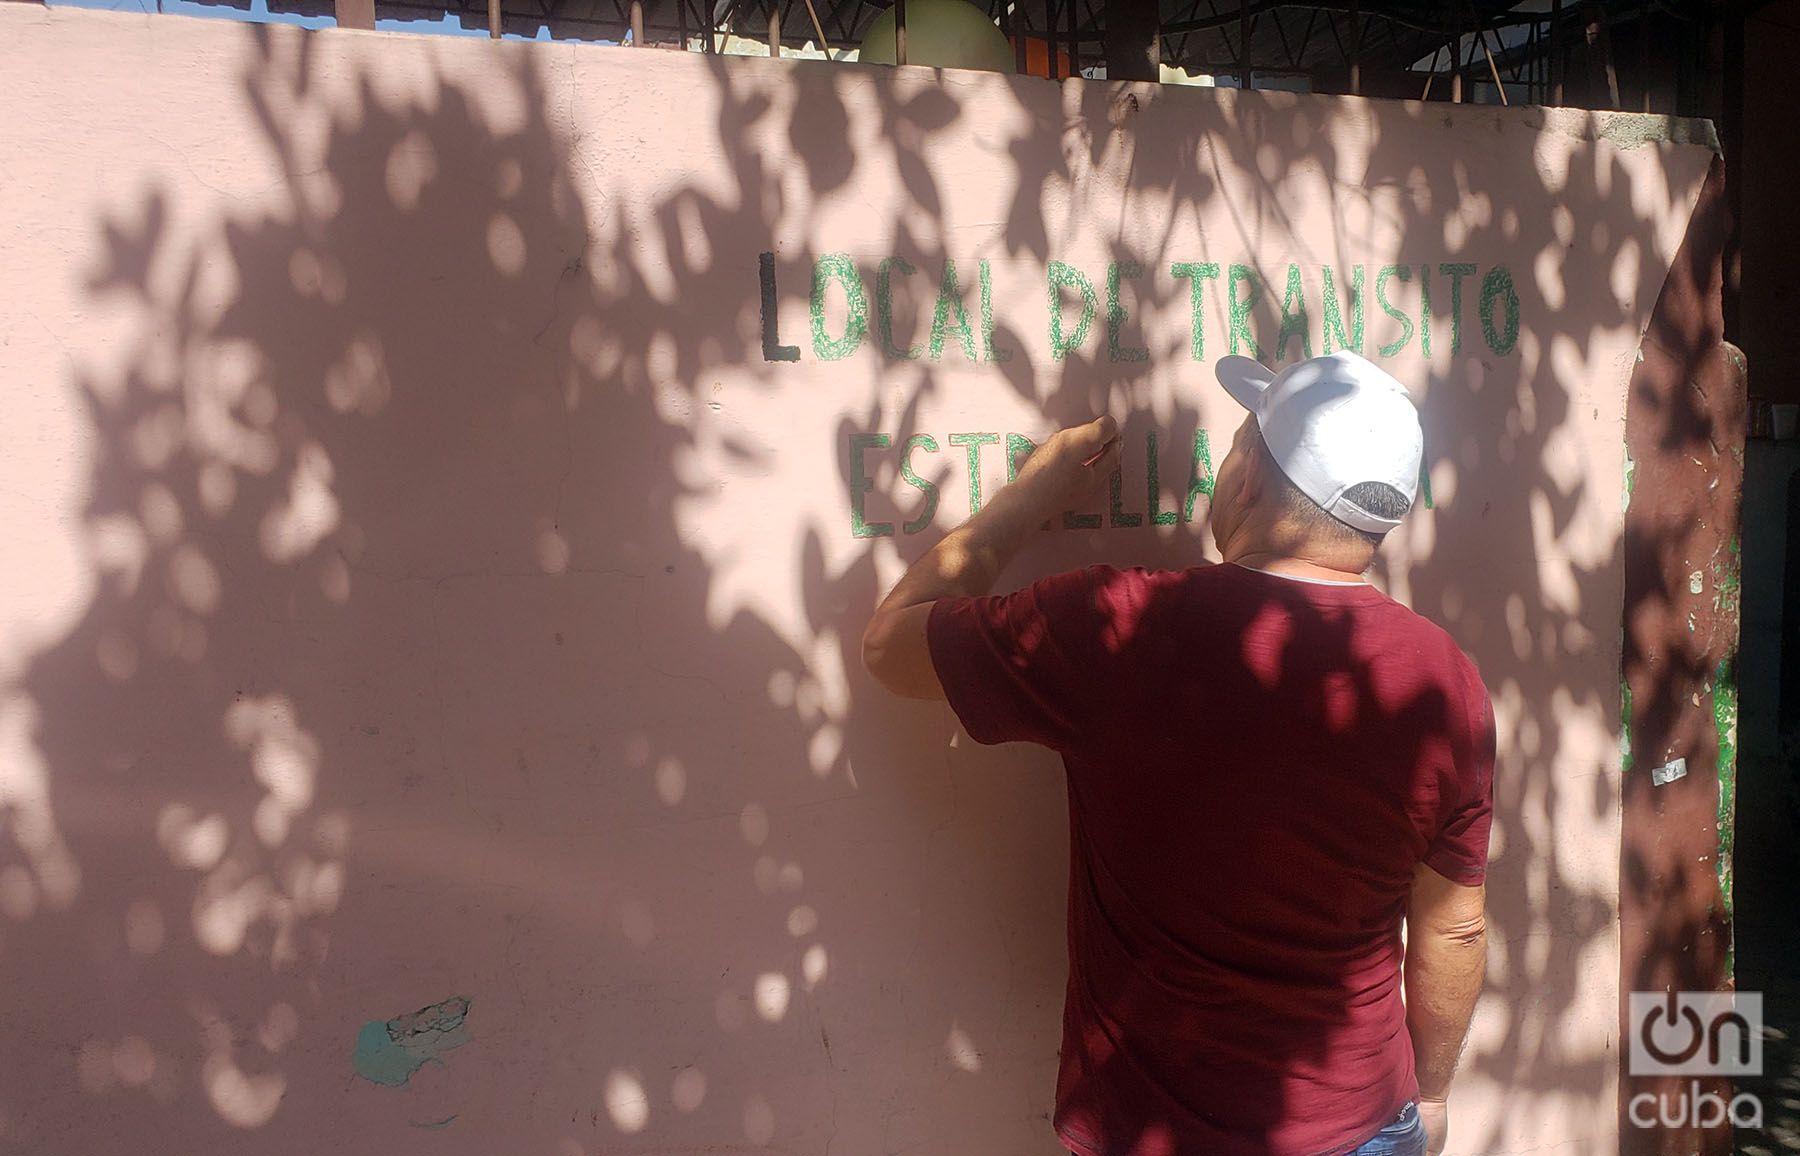 Un trabajador dibuja el nombre de la antigua fábrica de cocinas Estrella Roja, convertida en albergue para damnificados del tornado del 27 de enero de 2019 en La Habana. Foto: Michel Hernández.